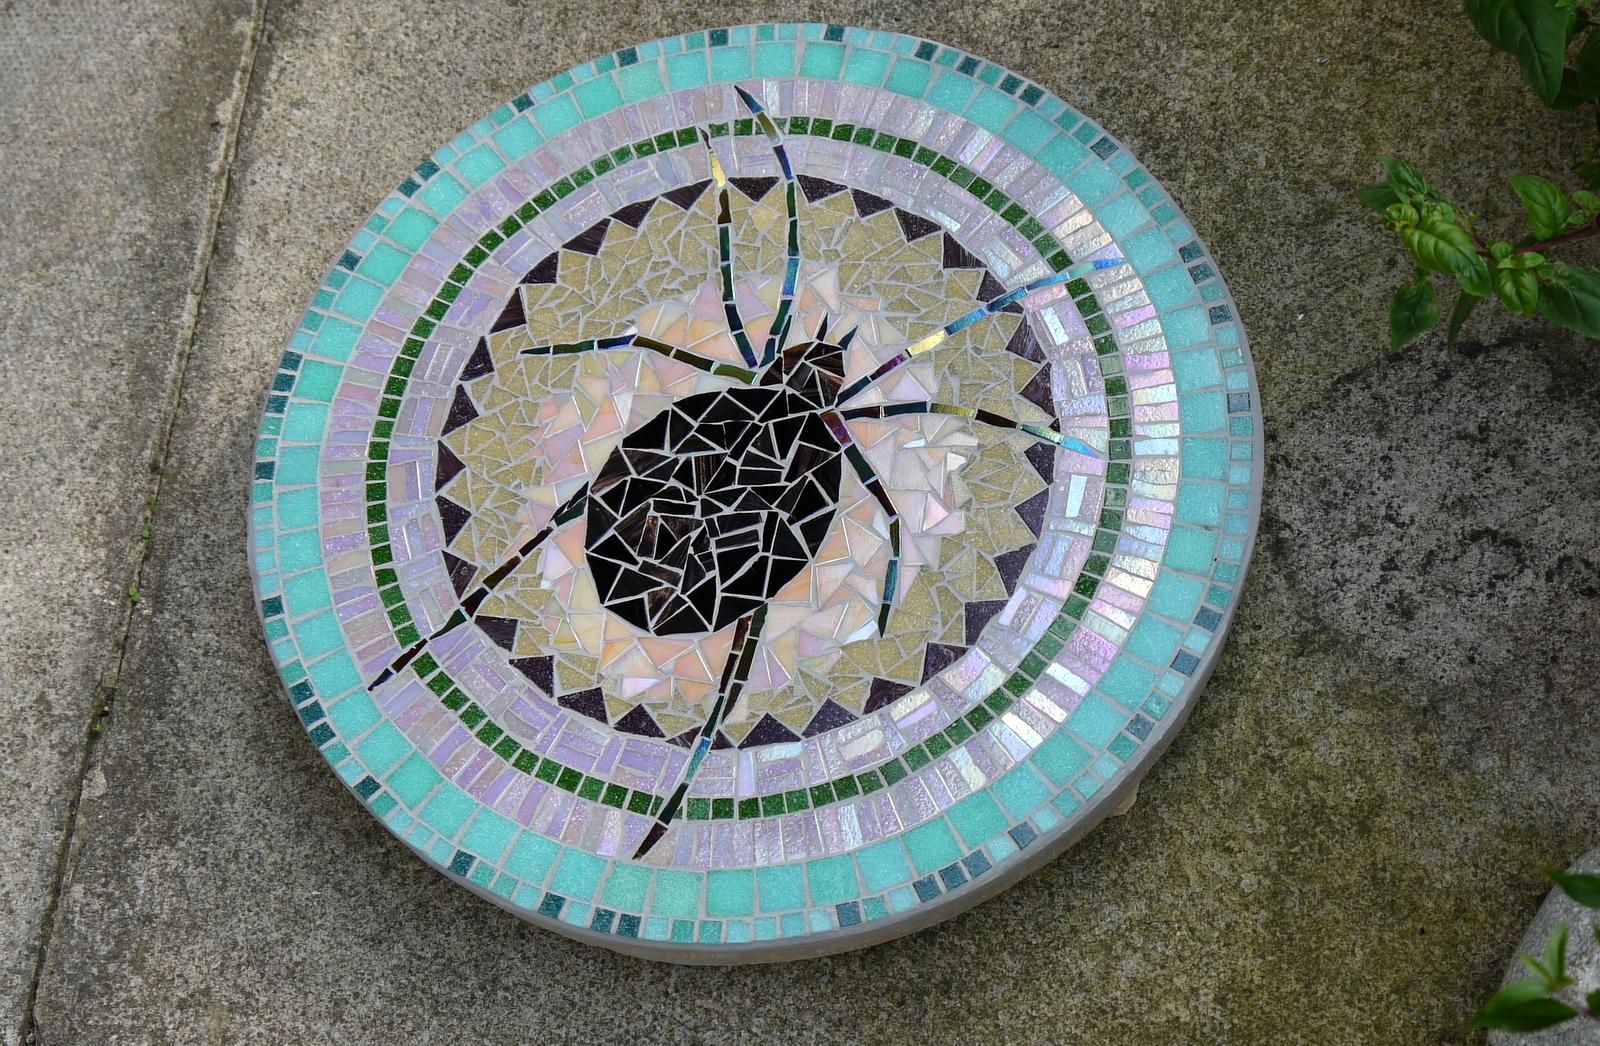 Dawn Aston mosaic stepping stone 'Arachnid' 2013.JPG